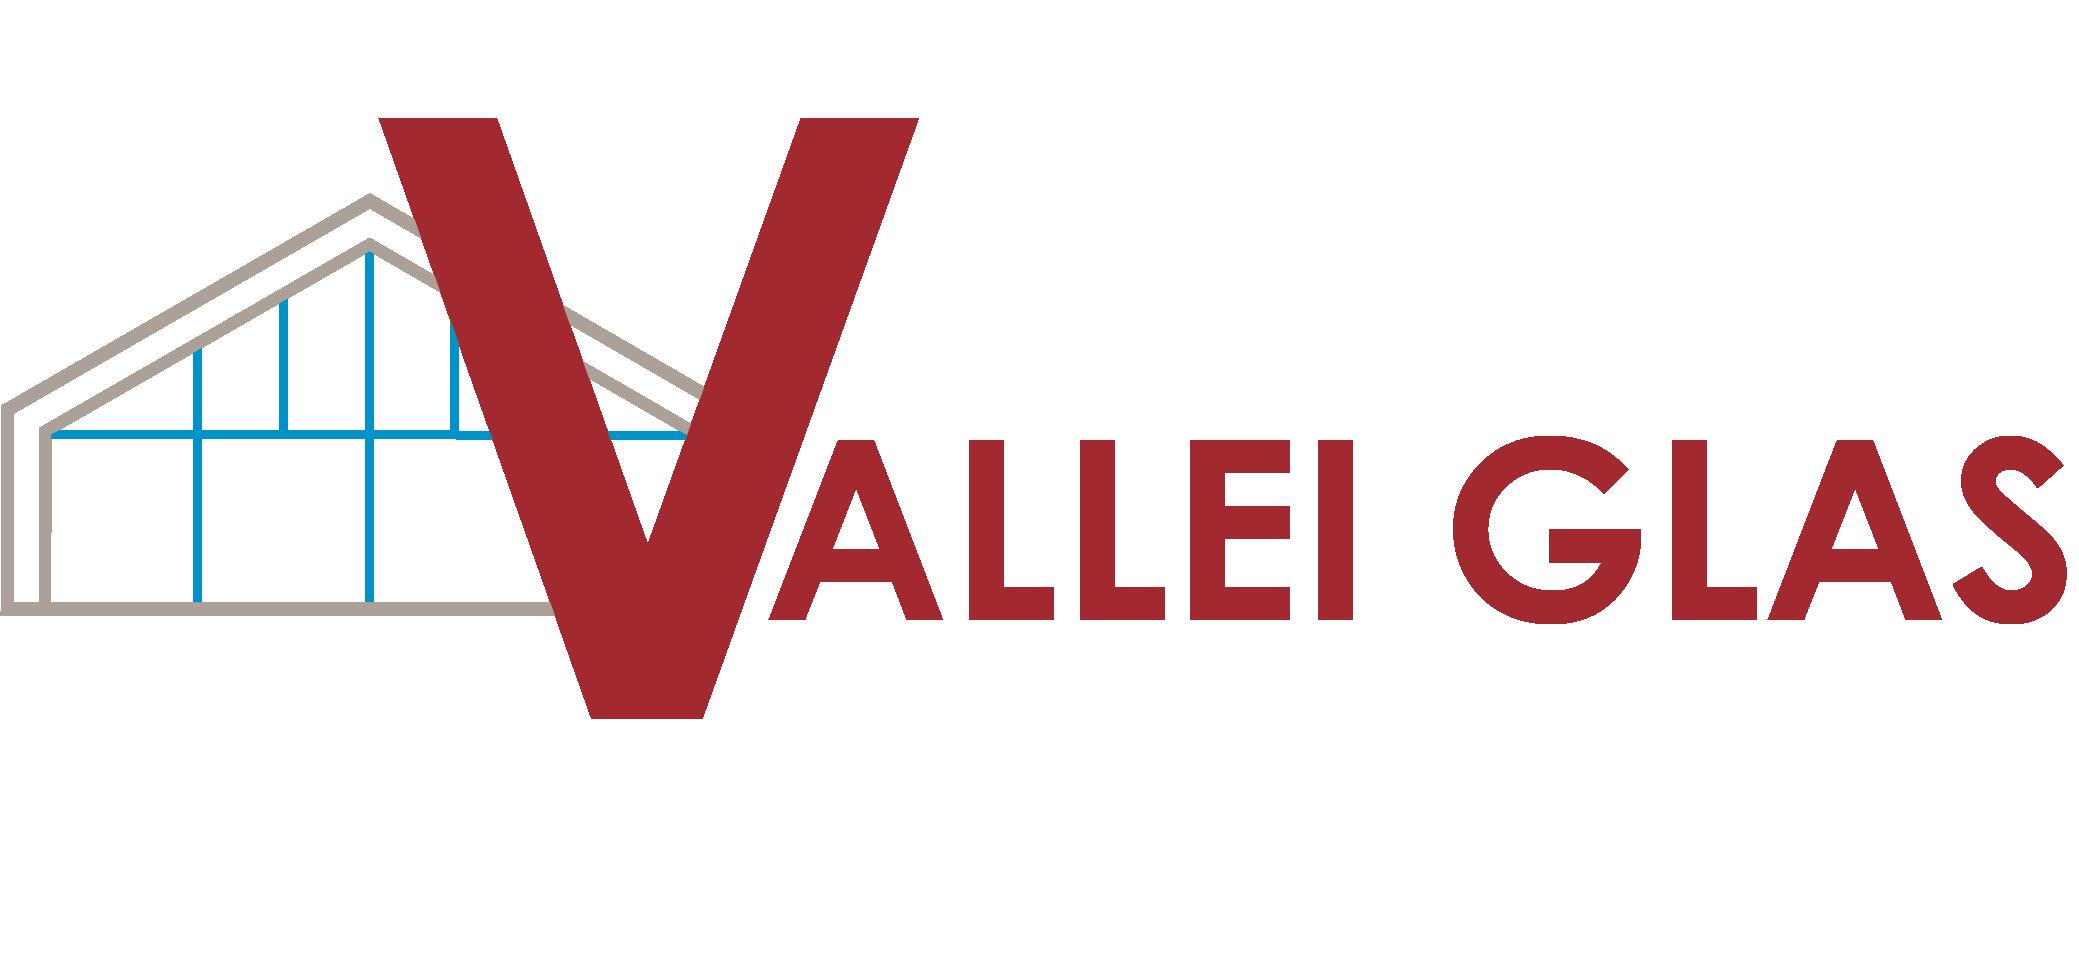 Valleiglas logo